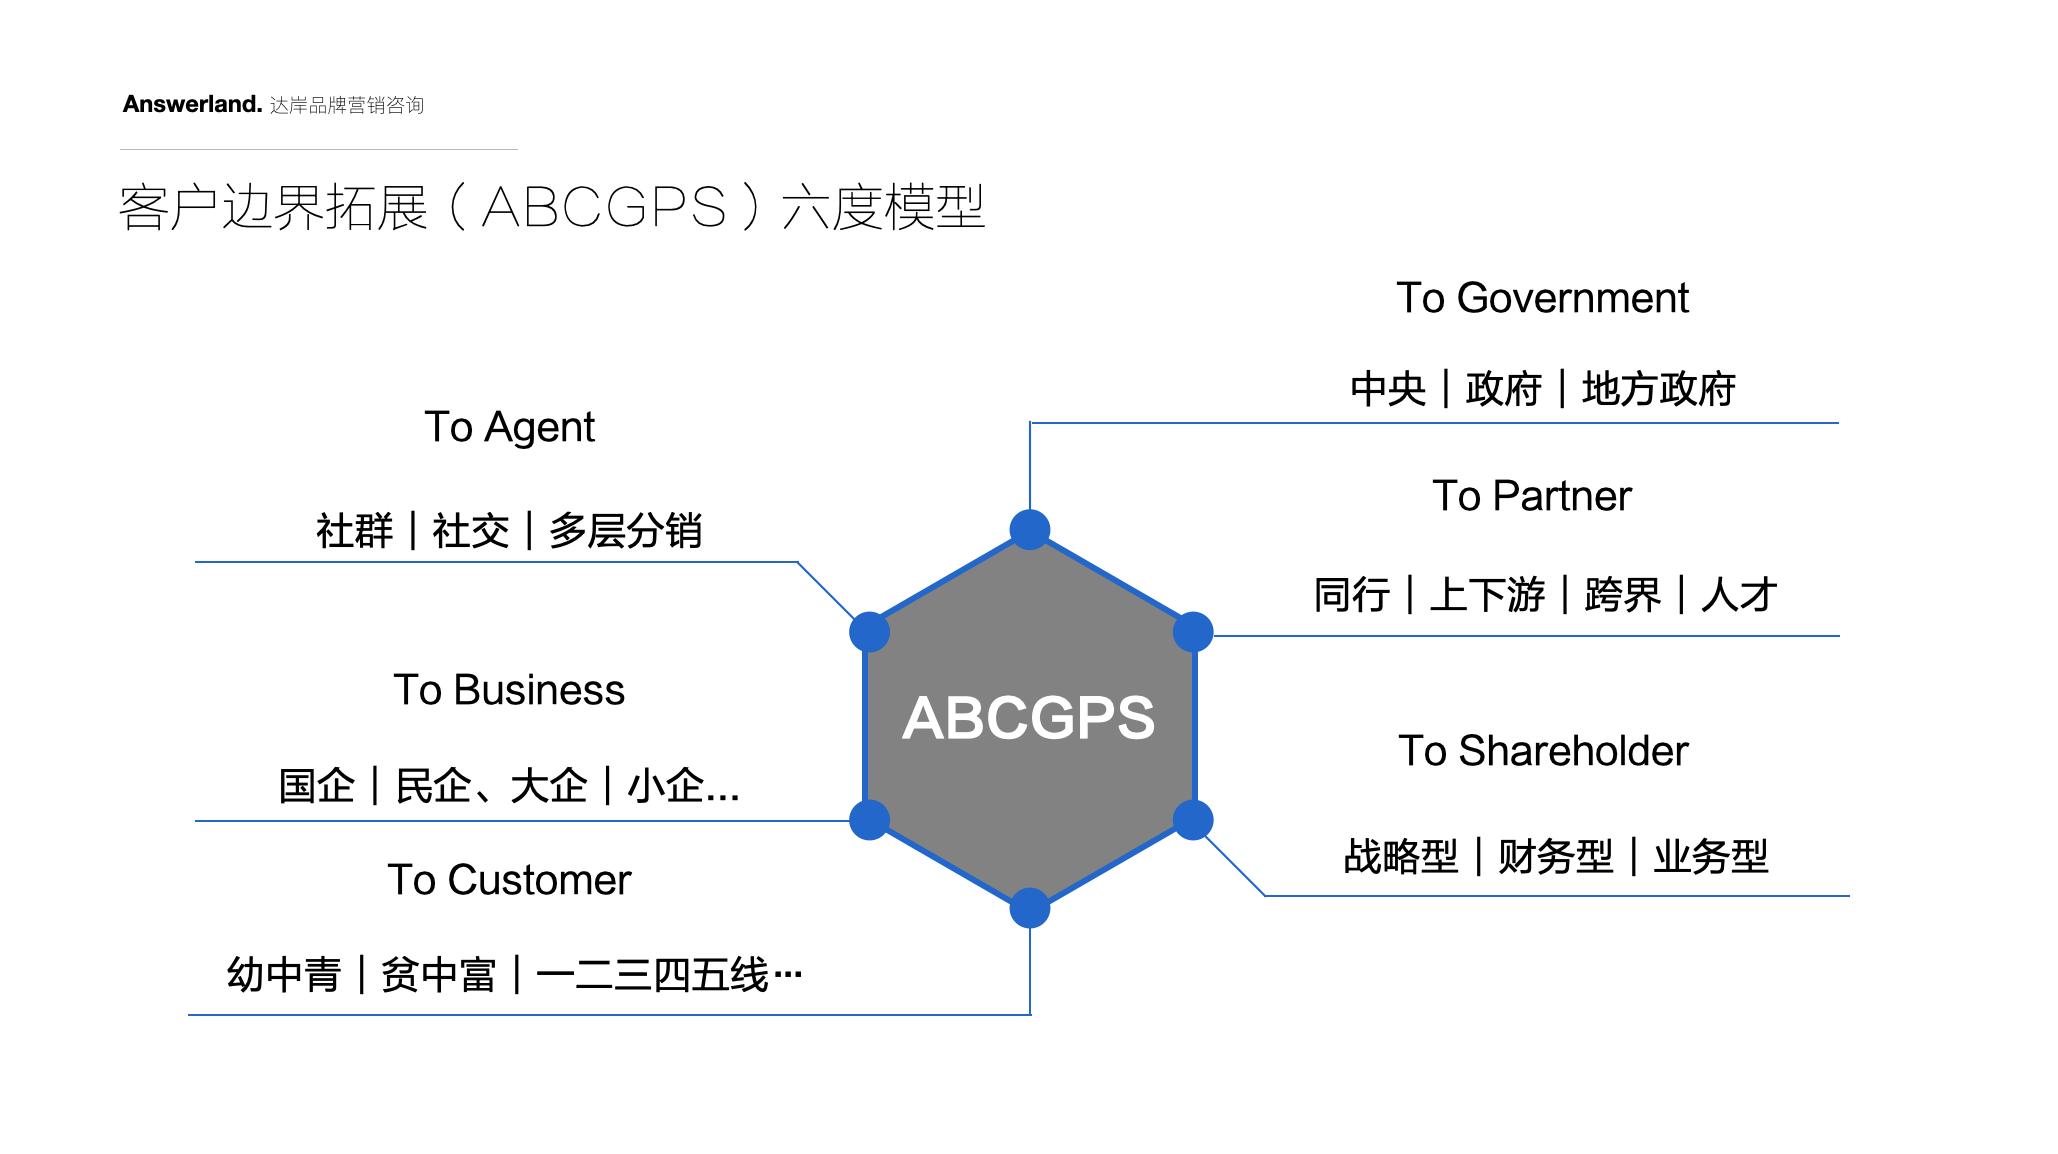 文旅地产品牌战略咨询-贝泰集团品牌战略-达岸战略咨询公司